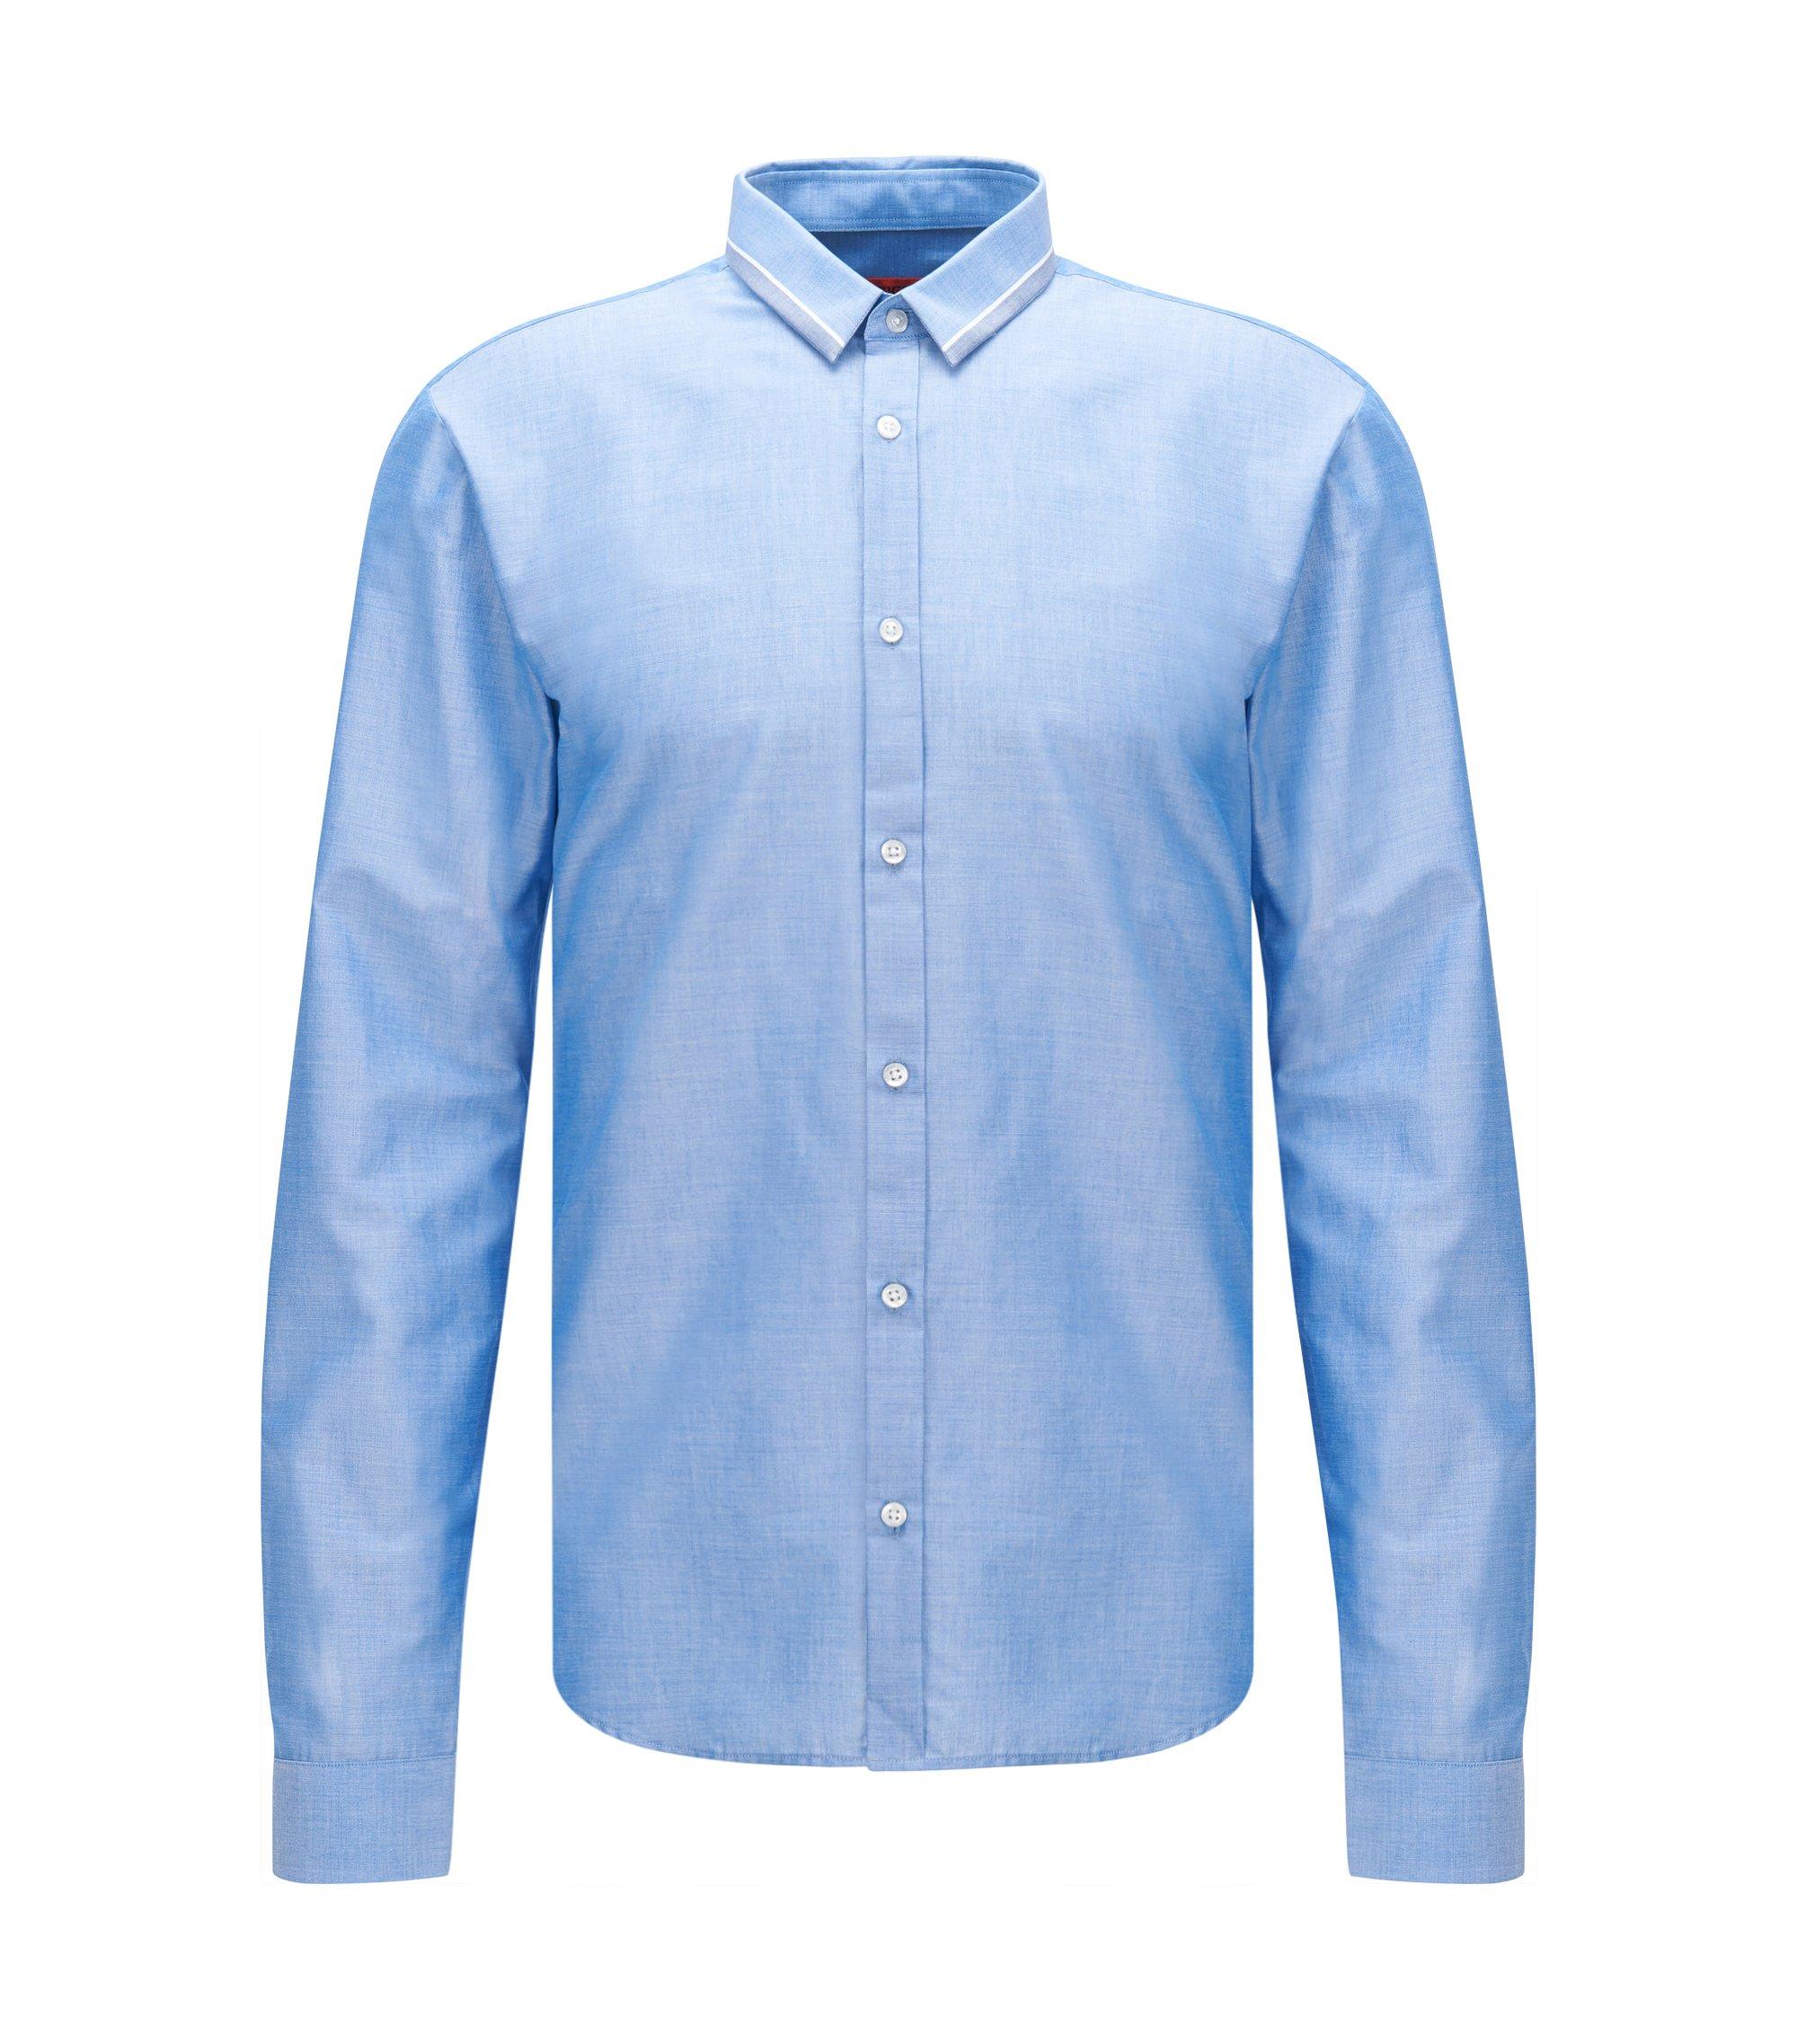 Cotton Button Down Shirt, Slim Fit | Ero, Blue